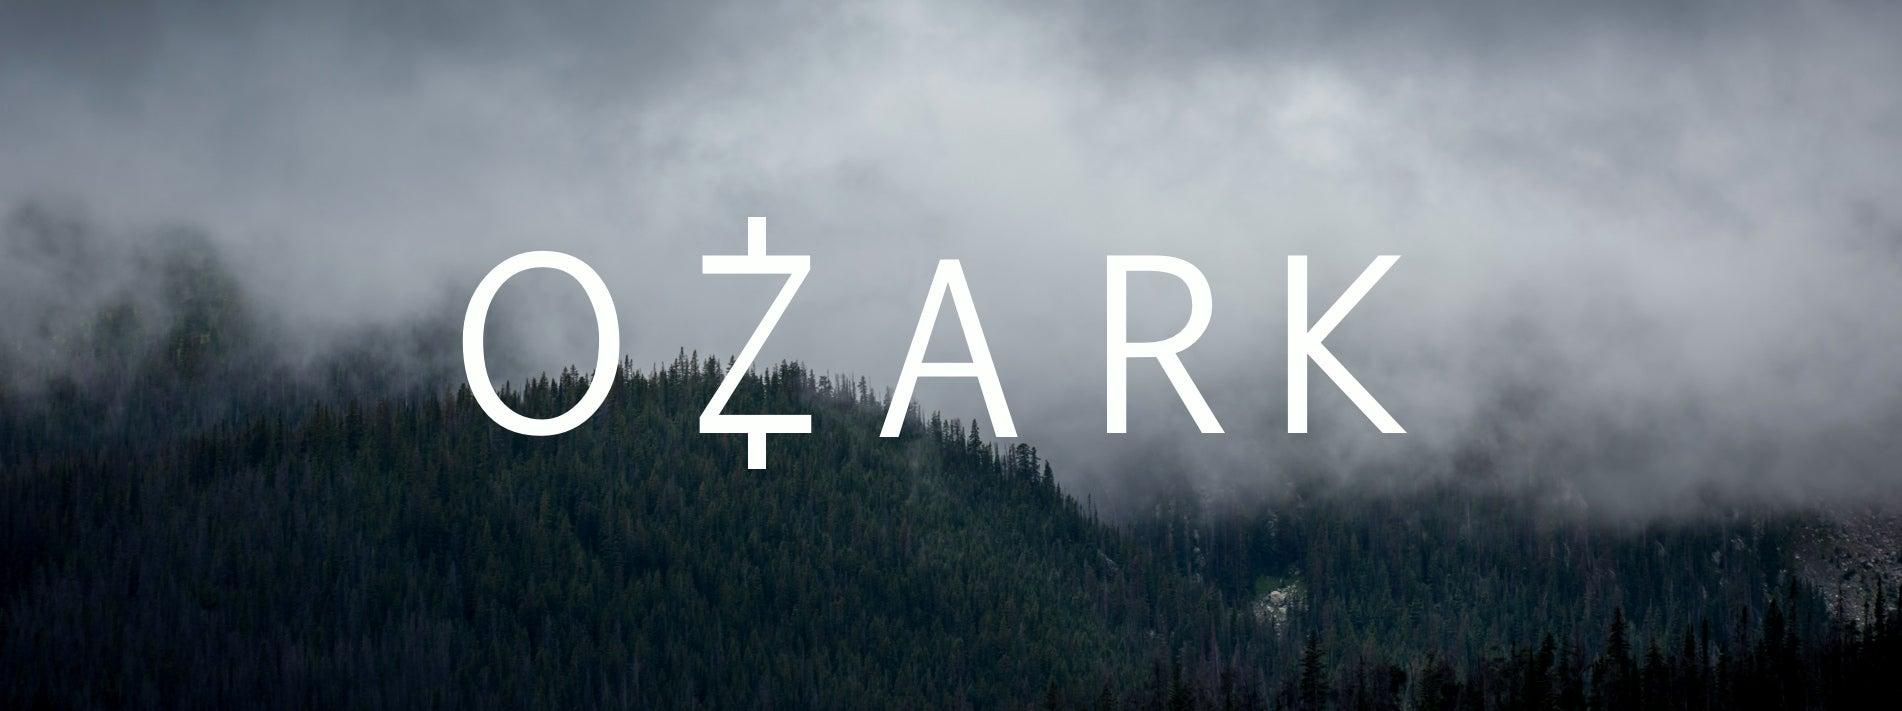 ozark tv show title slide